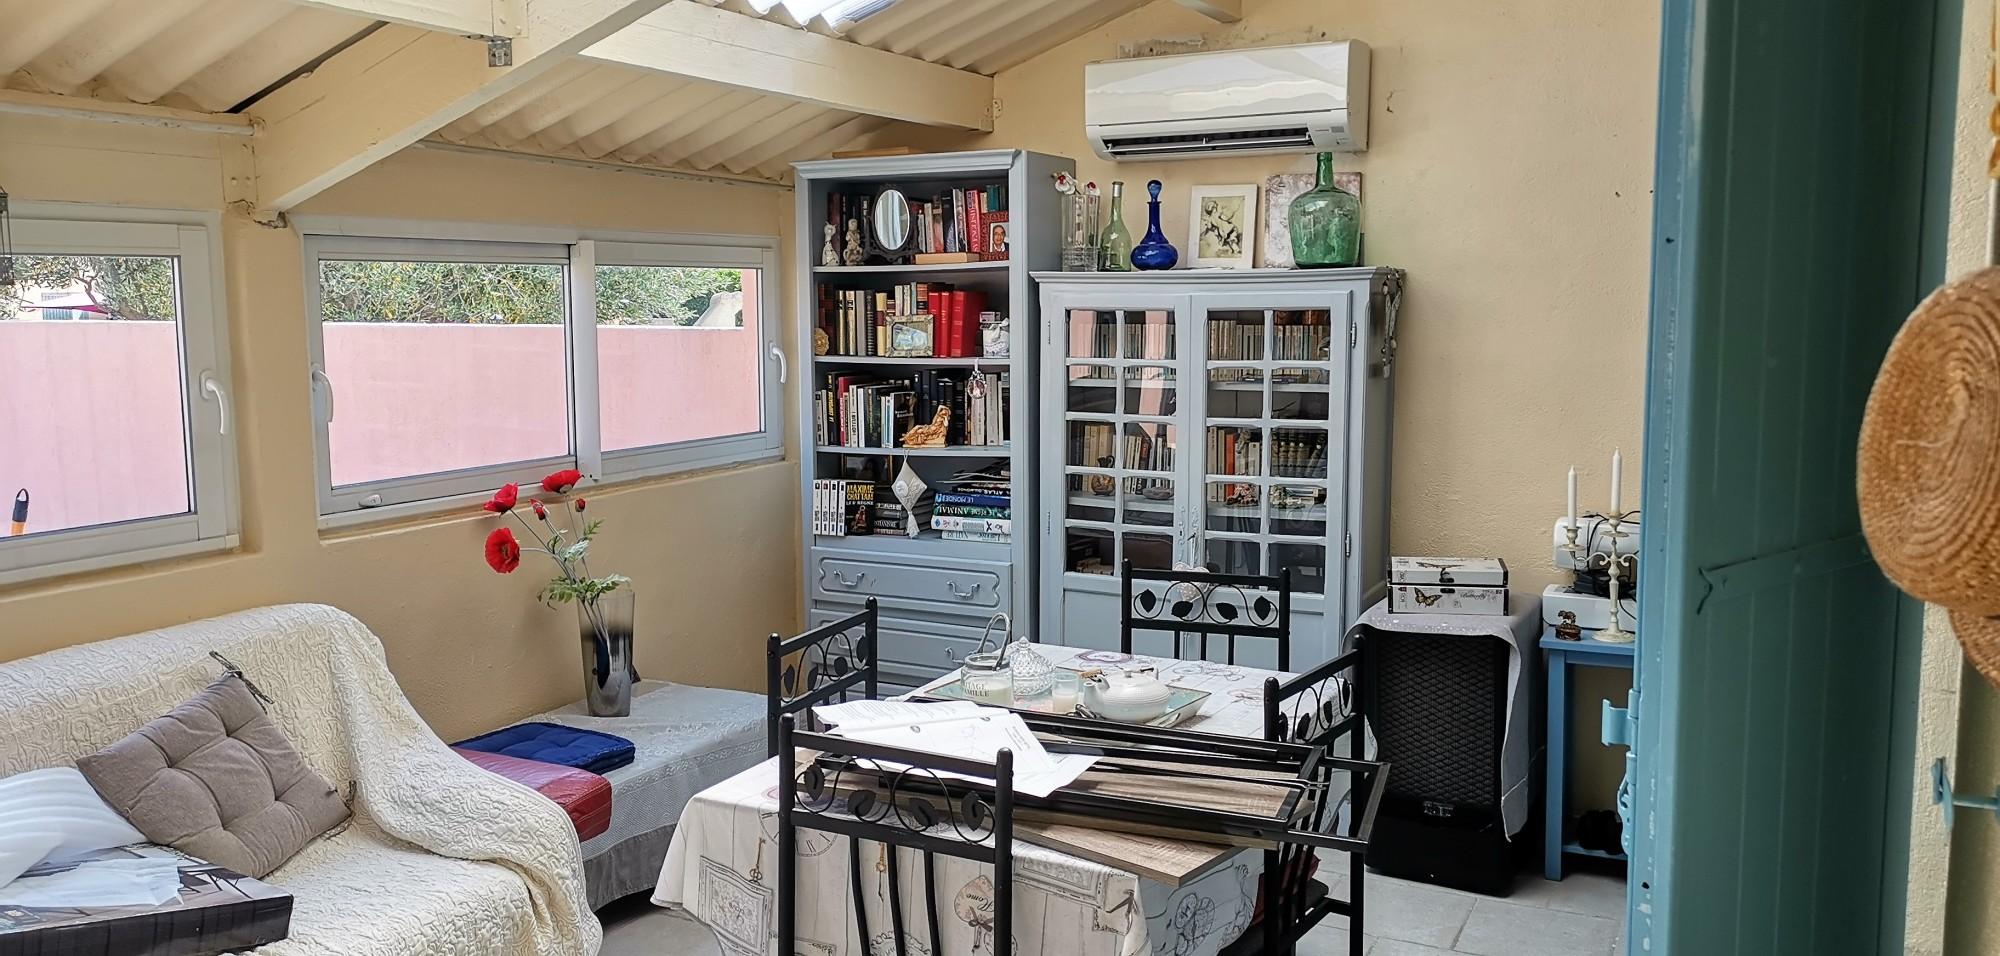 Chateauneuf les martigues maison t4 avec terrasse jardin - Garage chateauneuf les martigues ...